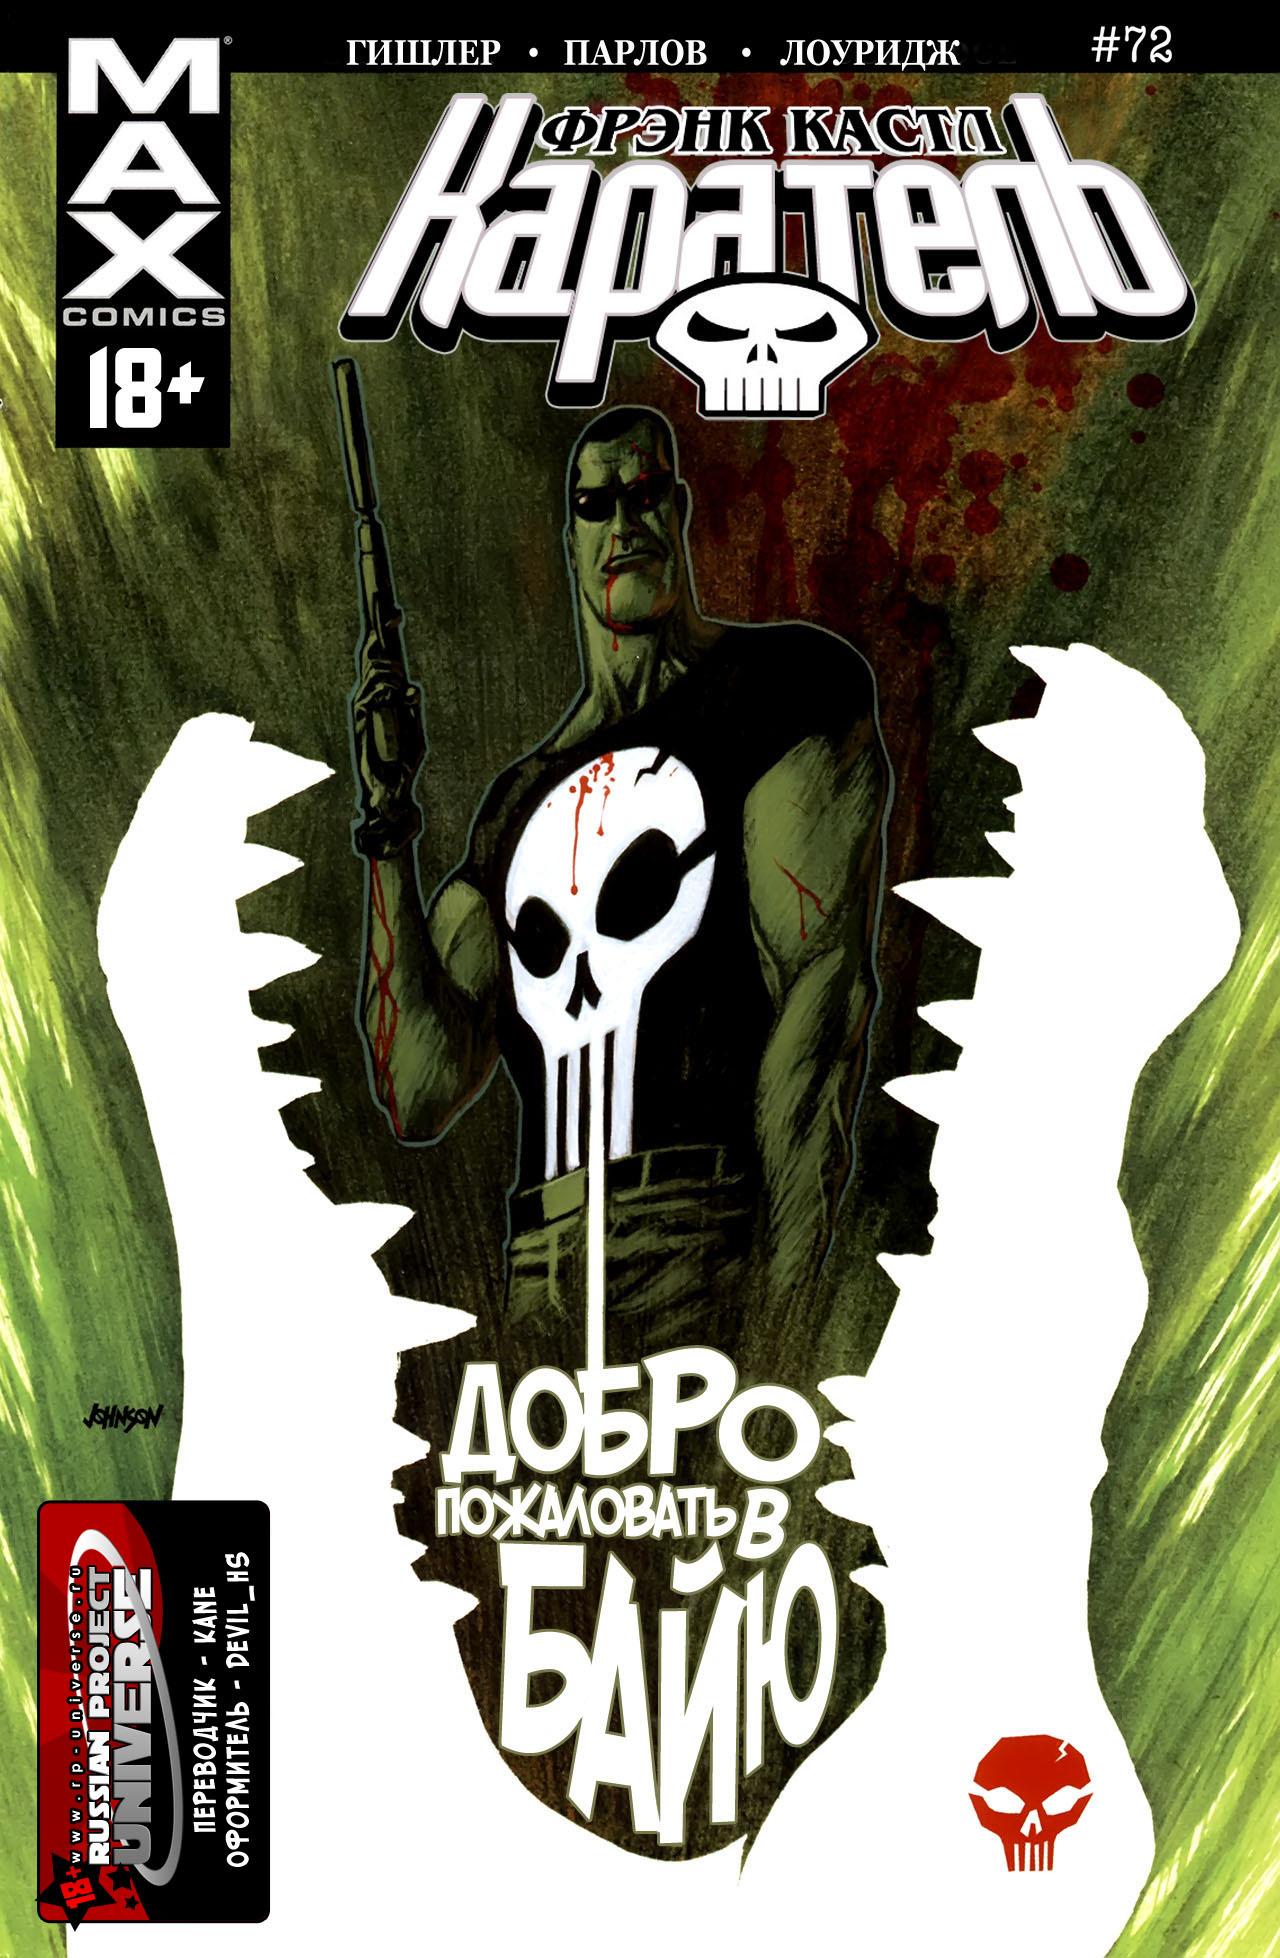 Комиксы Онлайн - Каратель том 6 - # 72 Добро пожаловать в Байю - часть вторая - Страница №1 - Punisher vol 6 - Punisher v 6 # 72